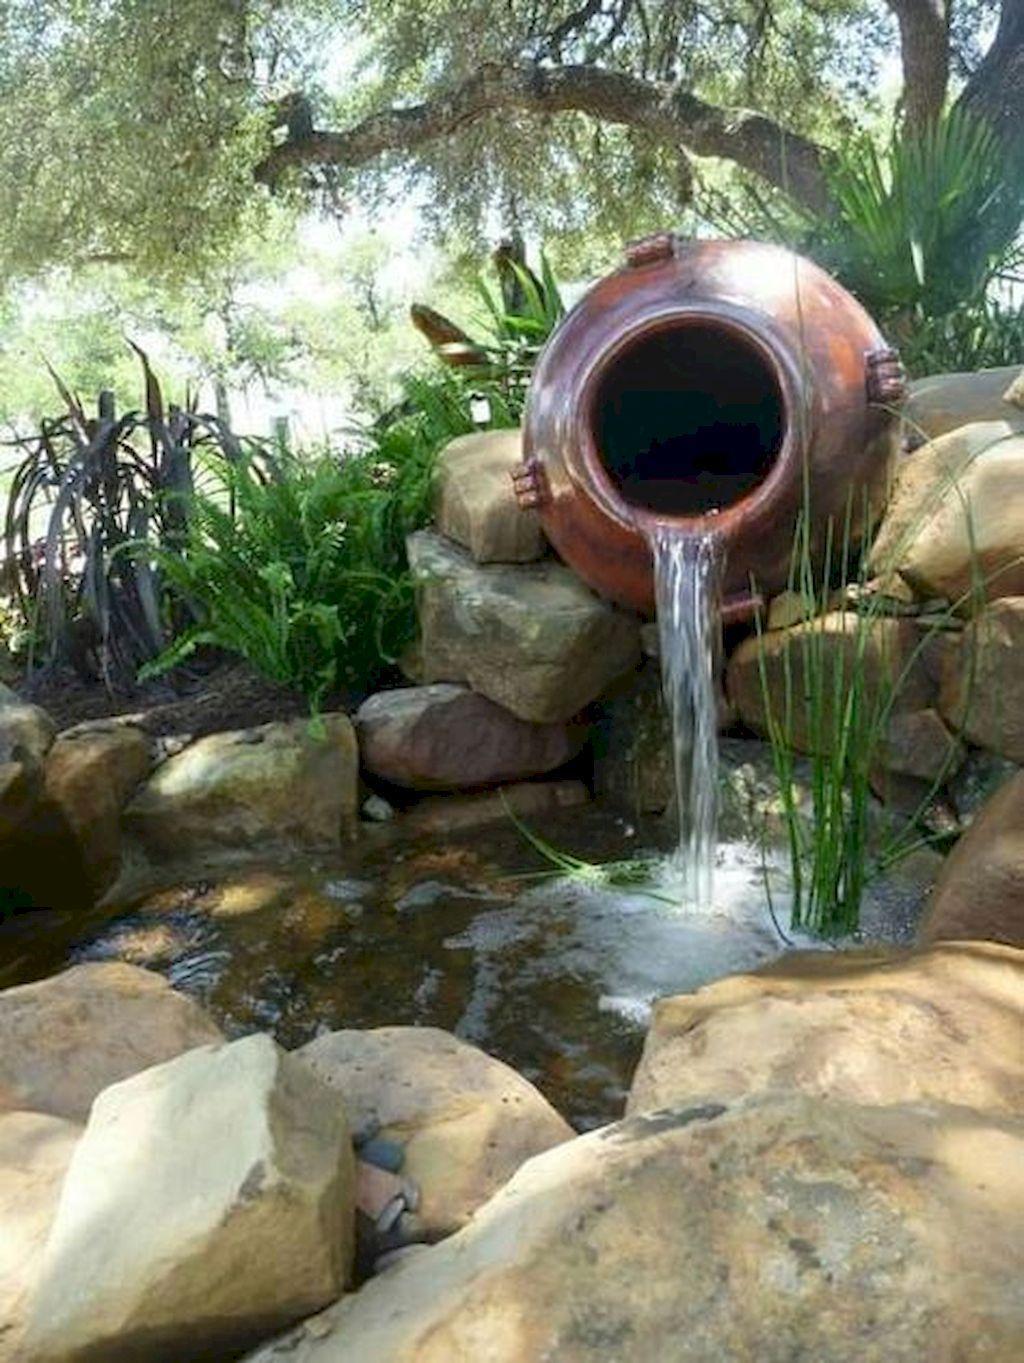 Pin By Edgardo Torres On Water Gardens Water Features In The Garden Outdoor Ponds Rock Garden Landscaping